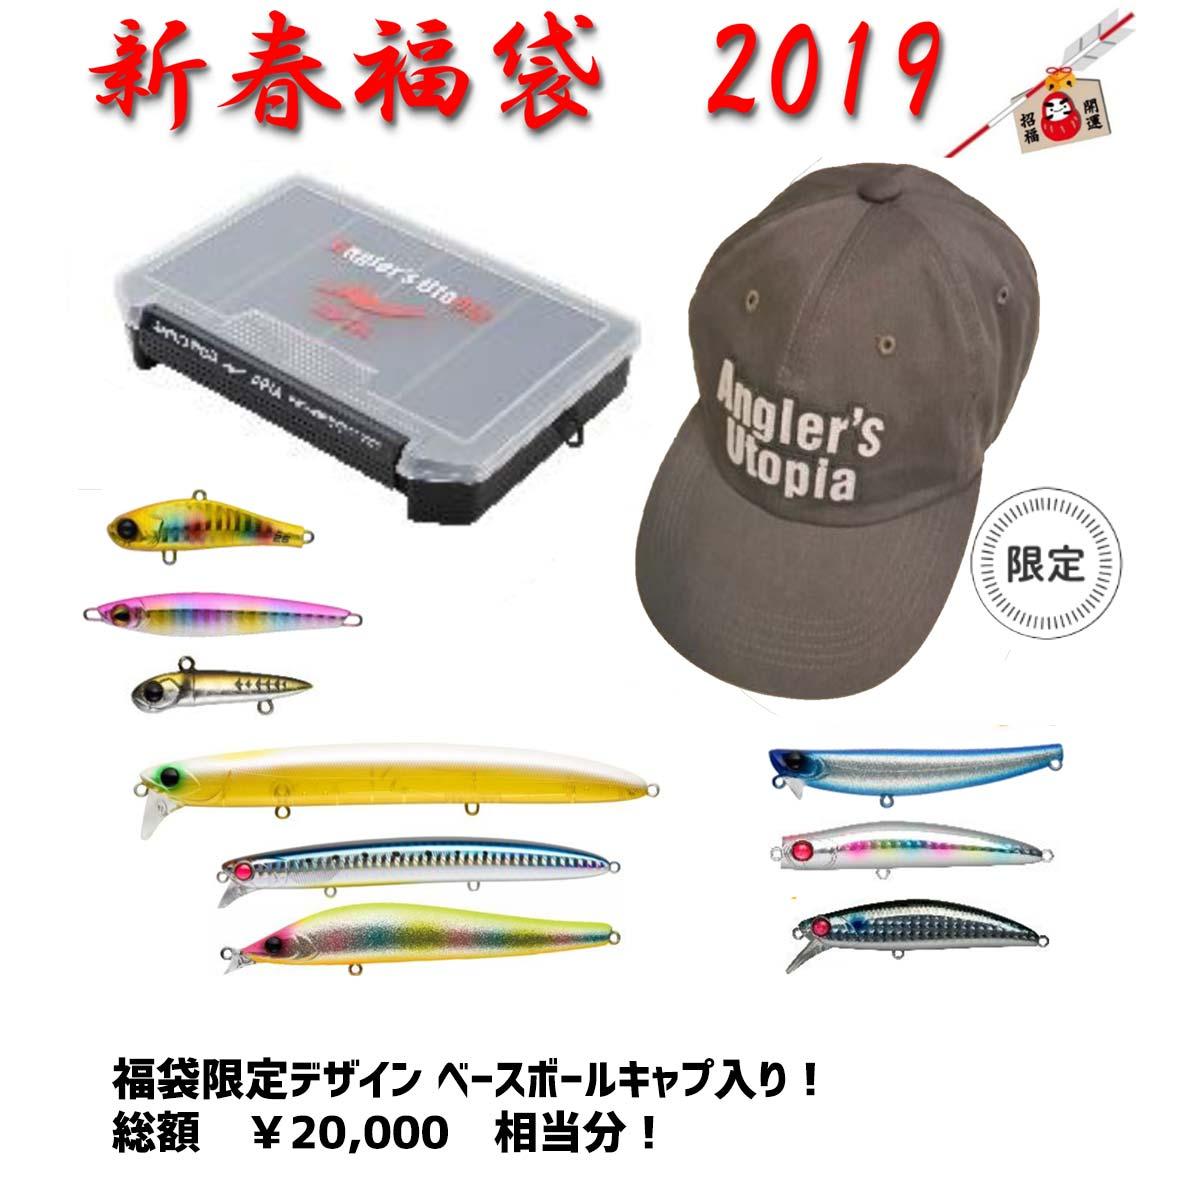 【アピア(APIA)】2019年新春福袋